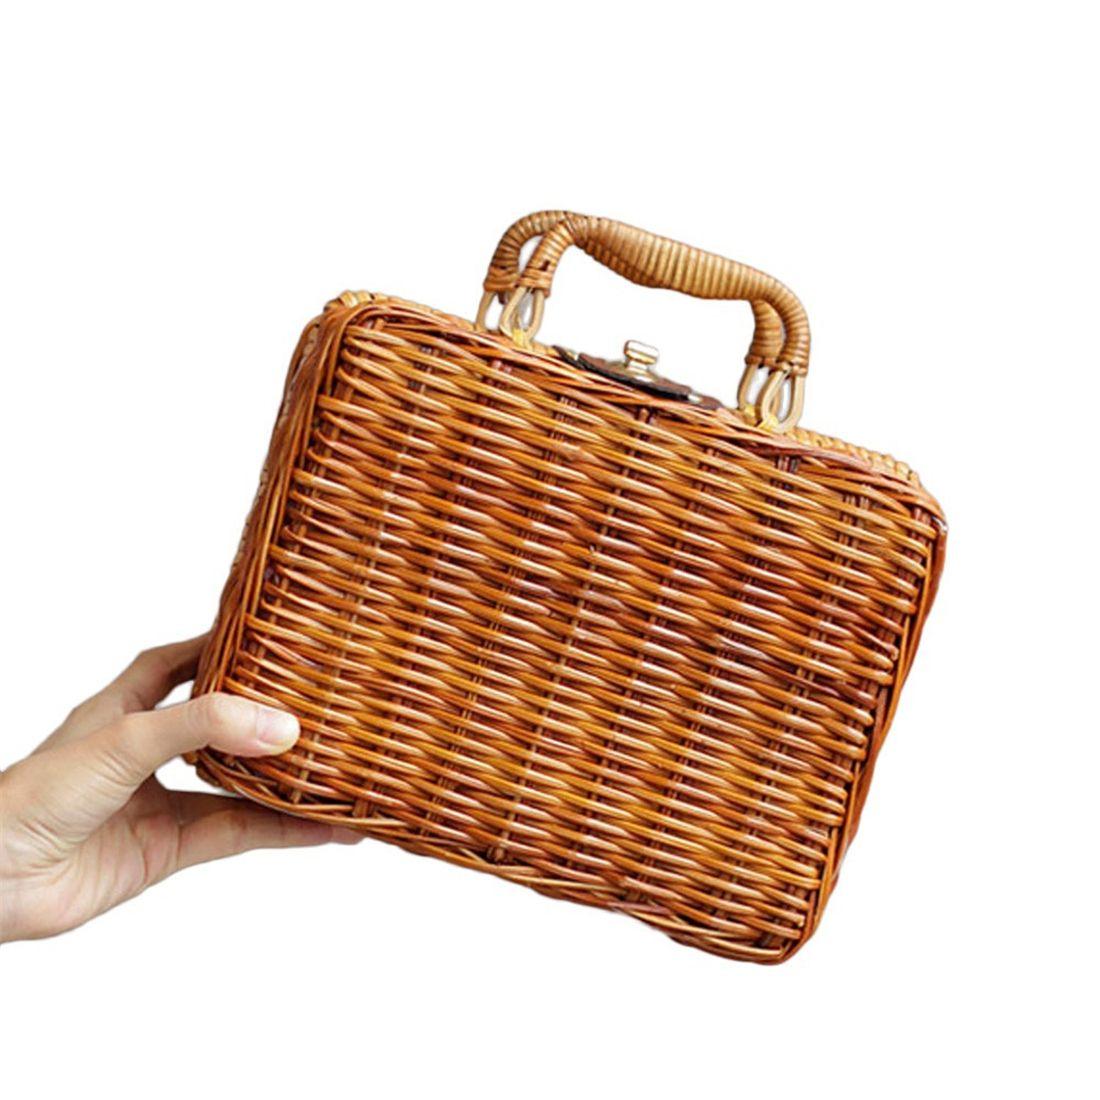 Женские сумки и кошельки Чистая рука г-жи кантон г-жи Куш китайская литература искусство винтажной корзины бамбука путешествия в сумке для хранения реквизит (Фото 2)